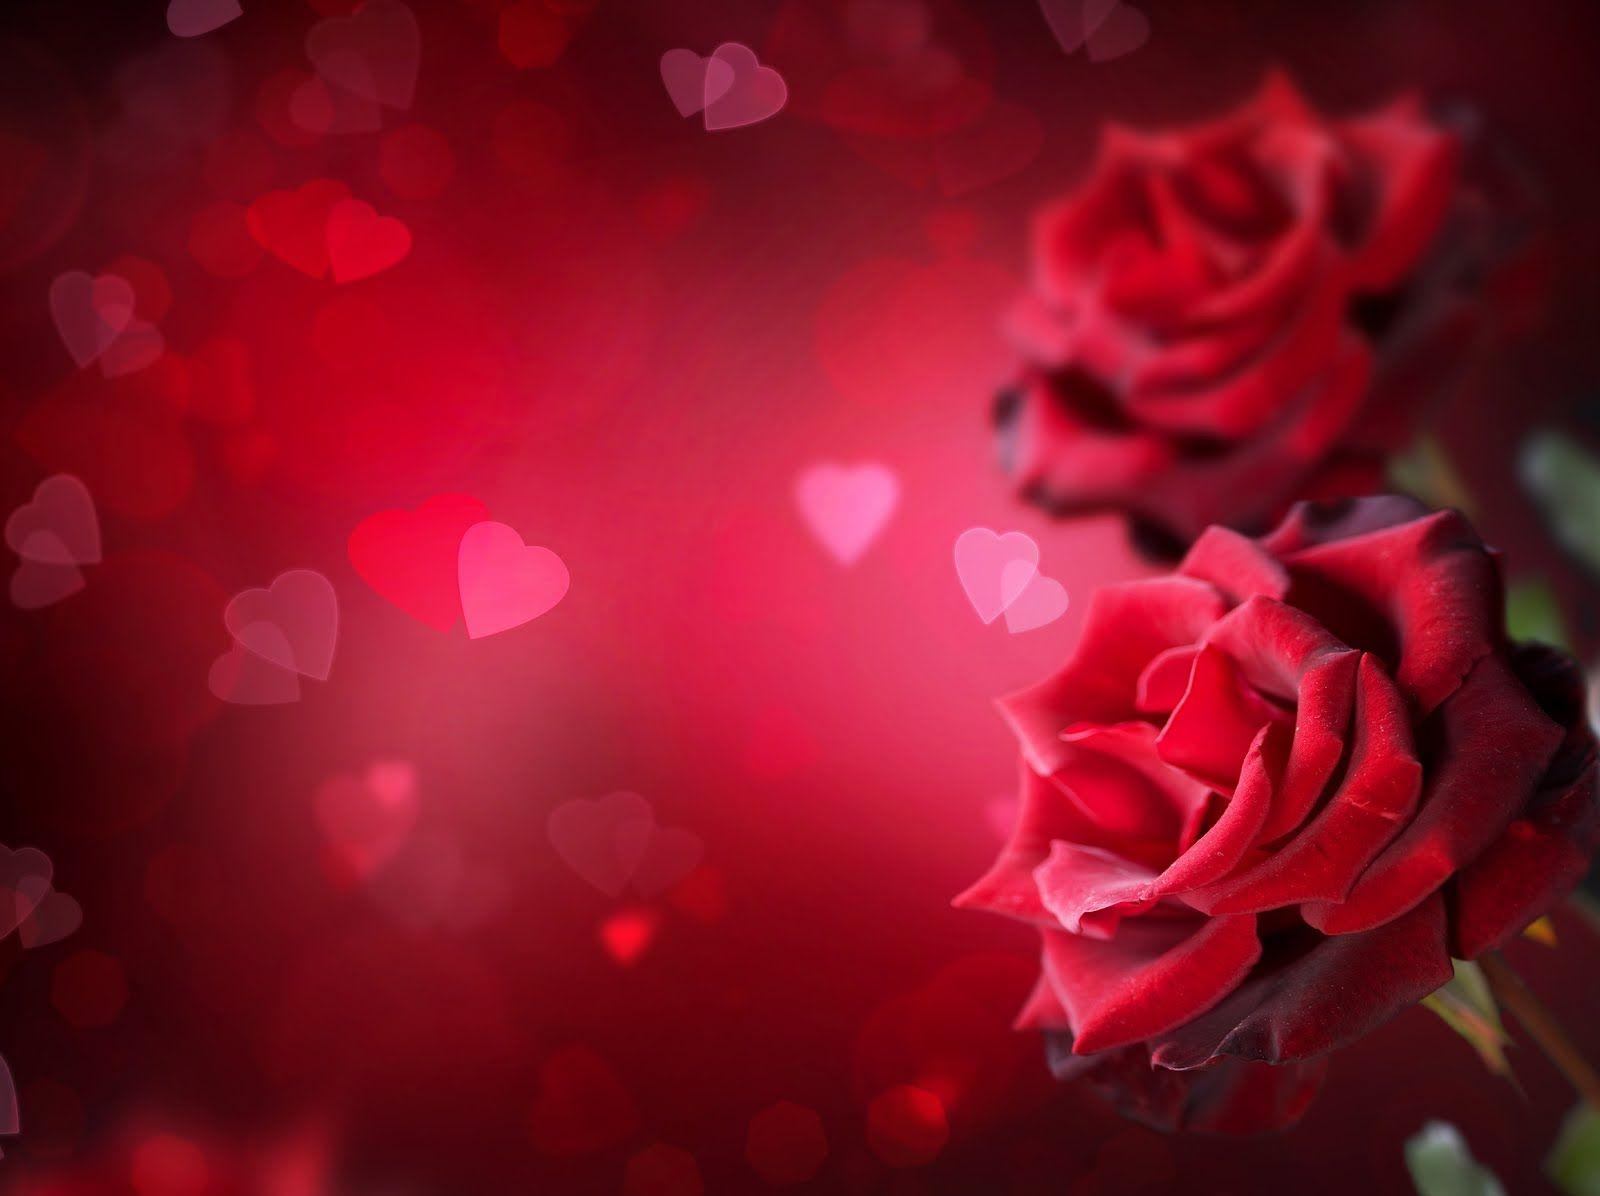 Resultado de imagen para wallpaper de enamorados